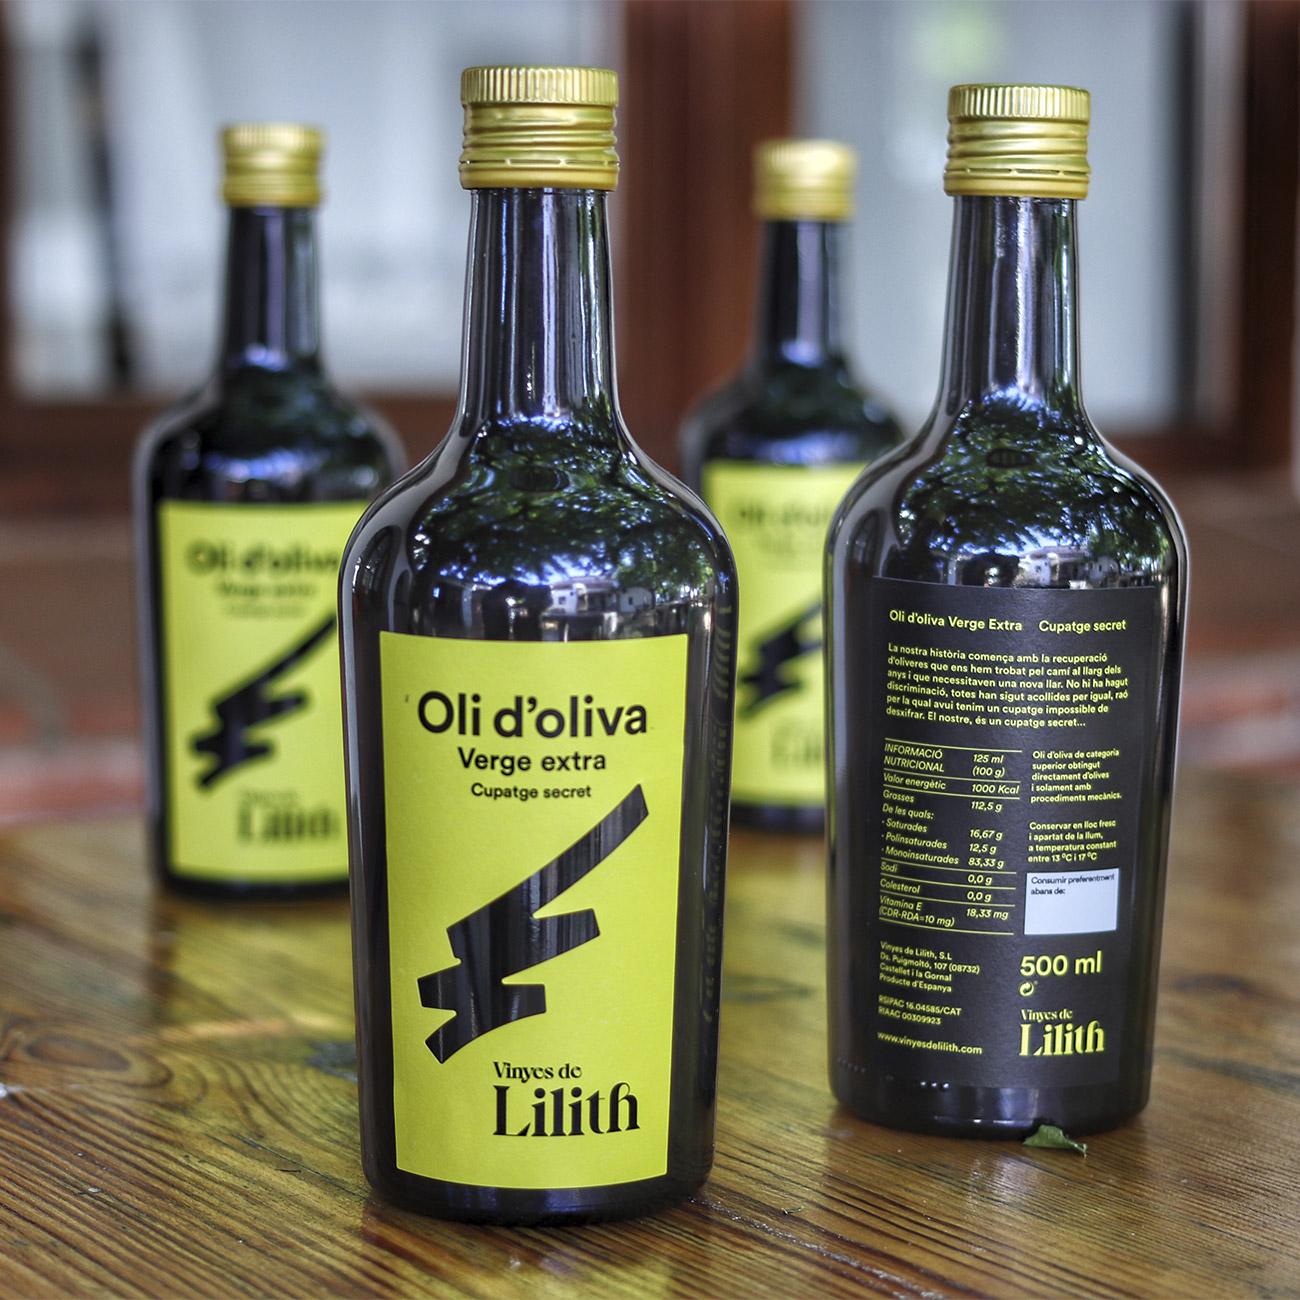 Oli d'Oliva Verge Extra Cupatge Secret